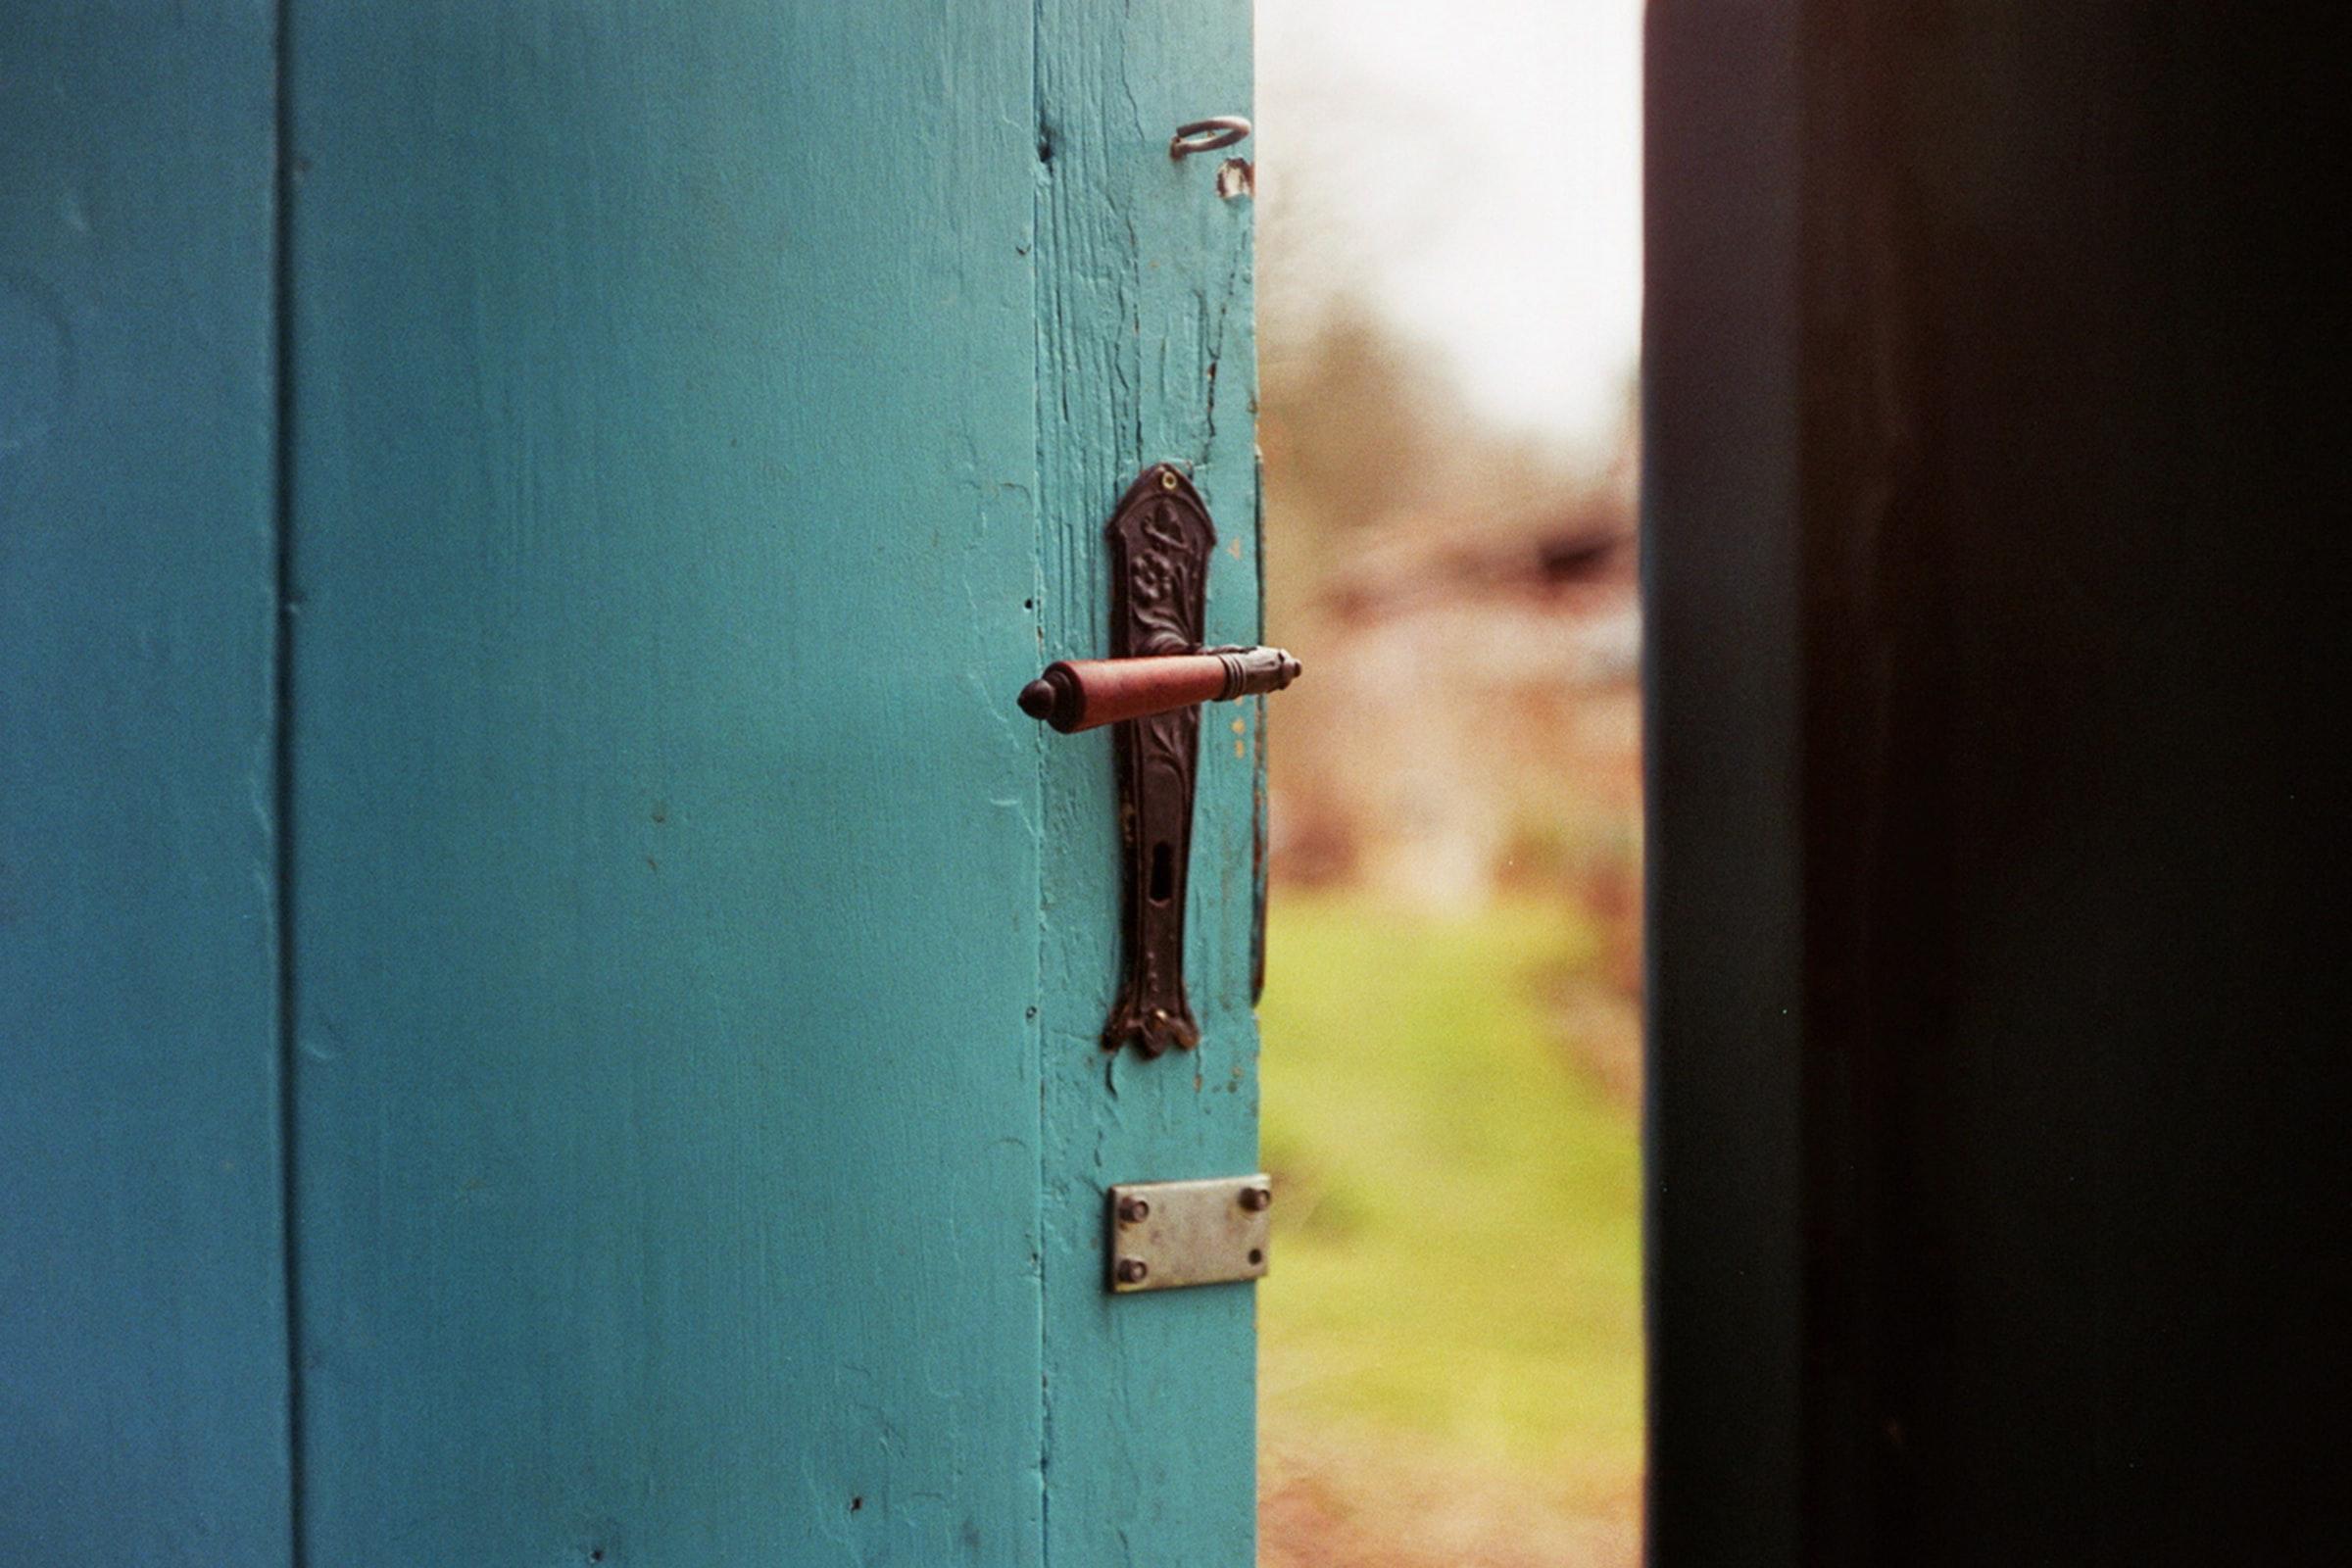 выход есть, ключ у тебя в руках